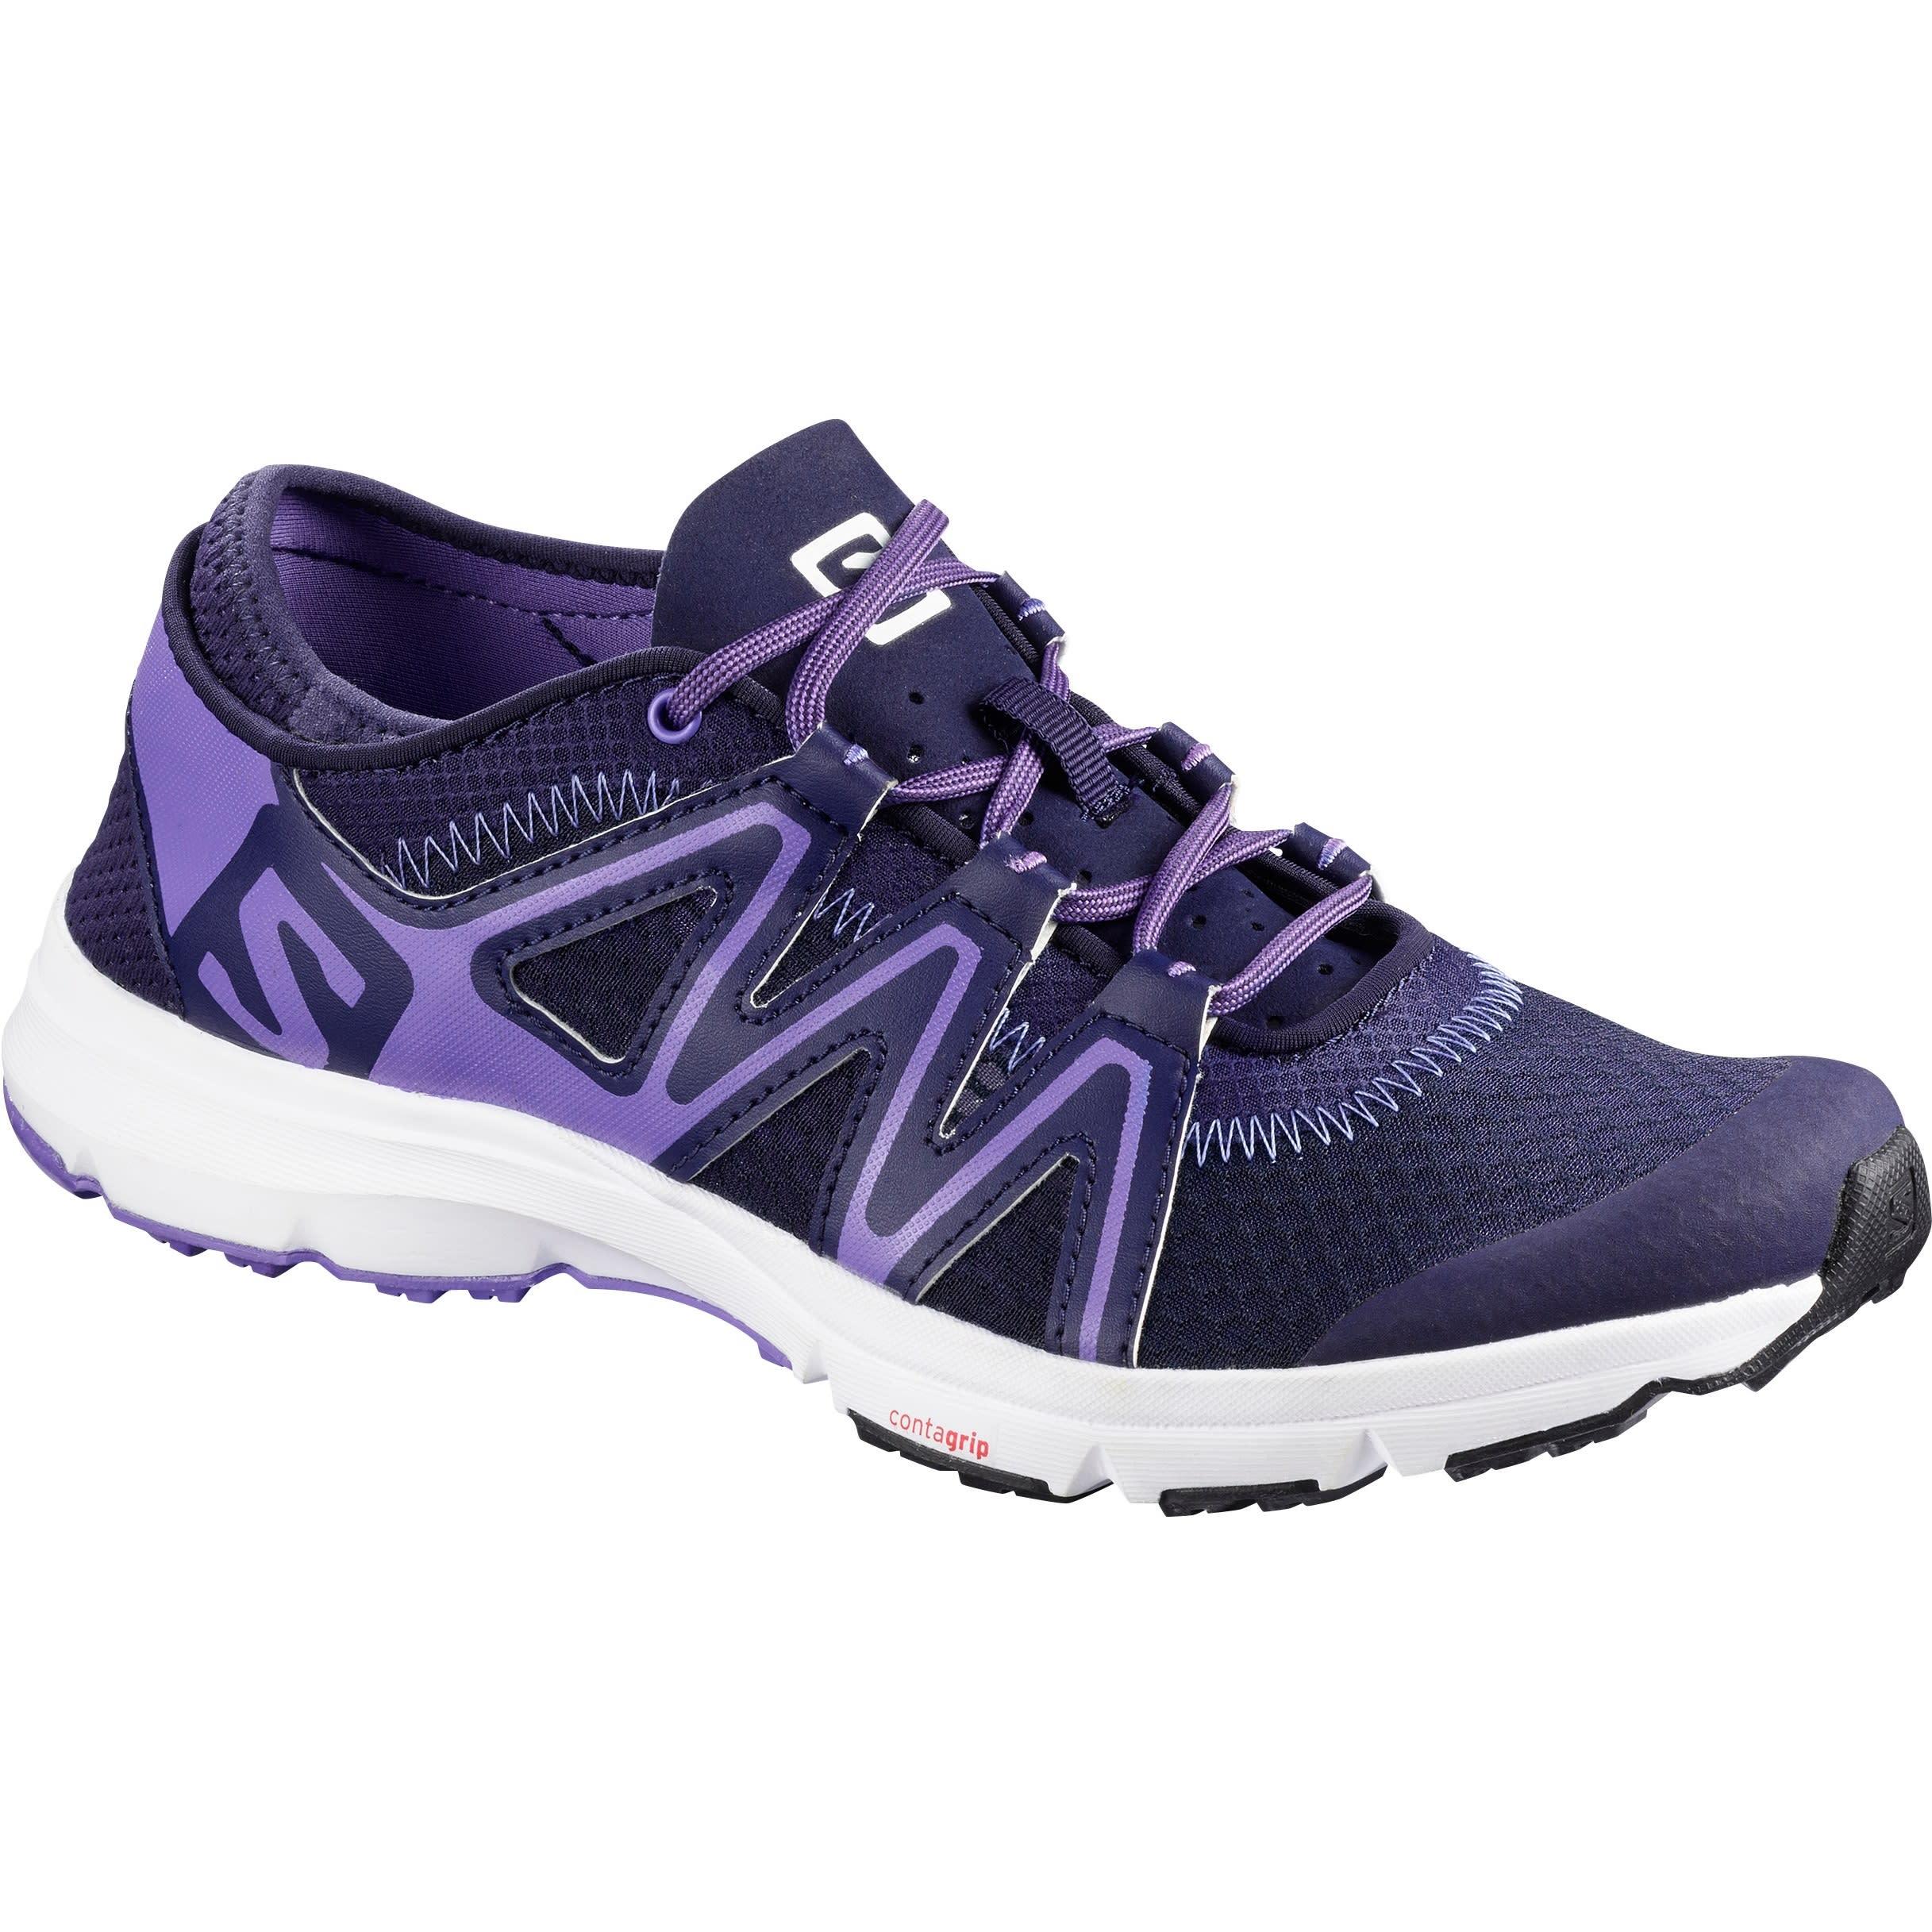 0e426b6cd4d Kjøp Salomon Women's Shoes Crossamphibian Swift P fra Outnorth